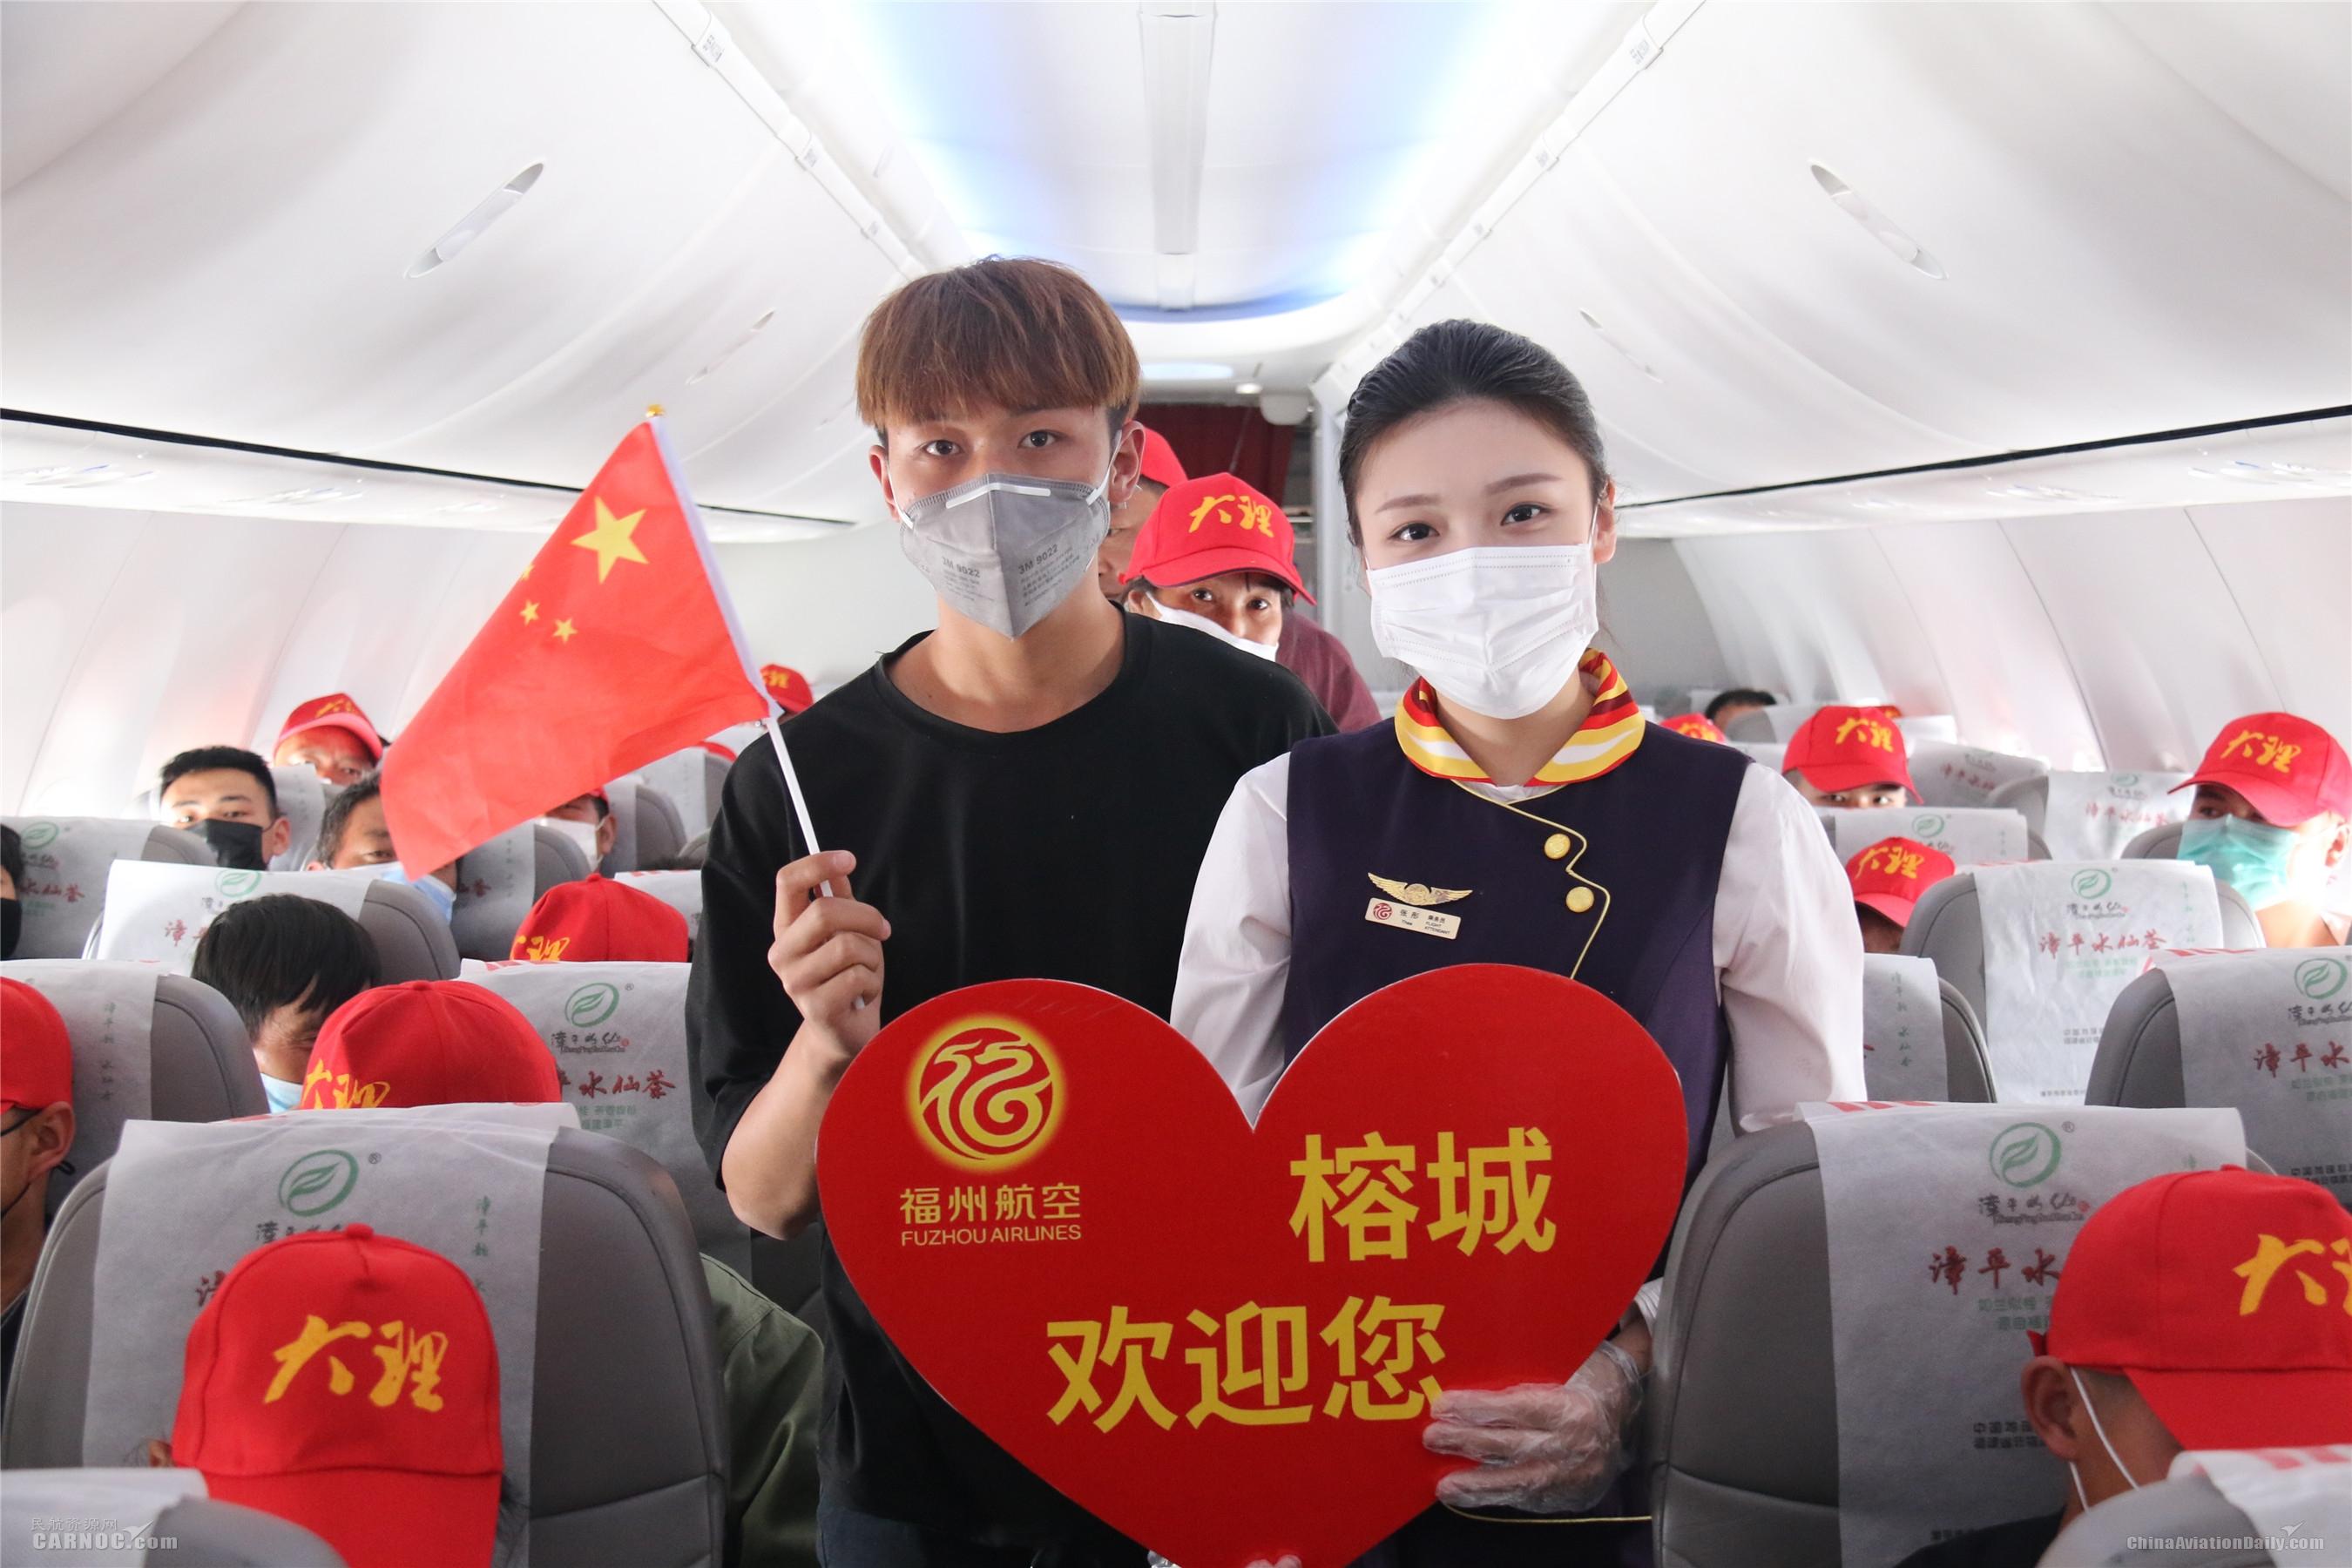 福州航空再派机运送183名  云南省务工人员赴榕开工